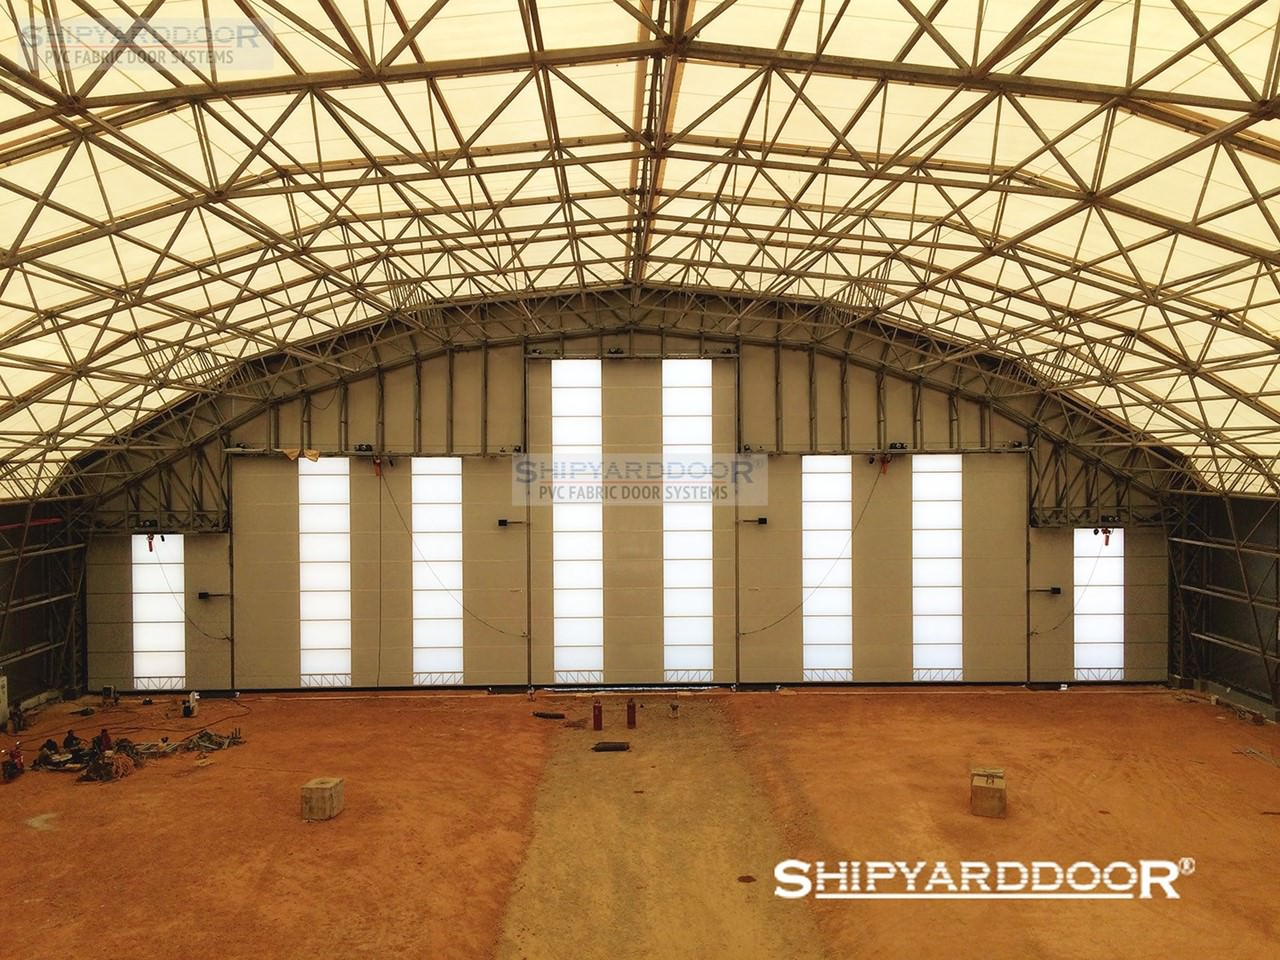 large aircraft hangar door indonesia en shipyarddoor